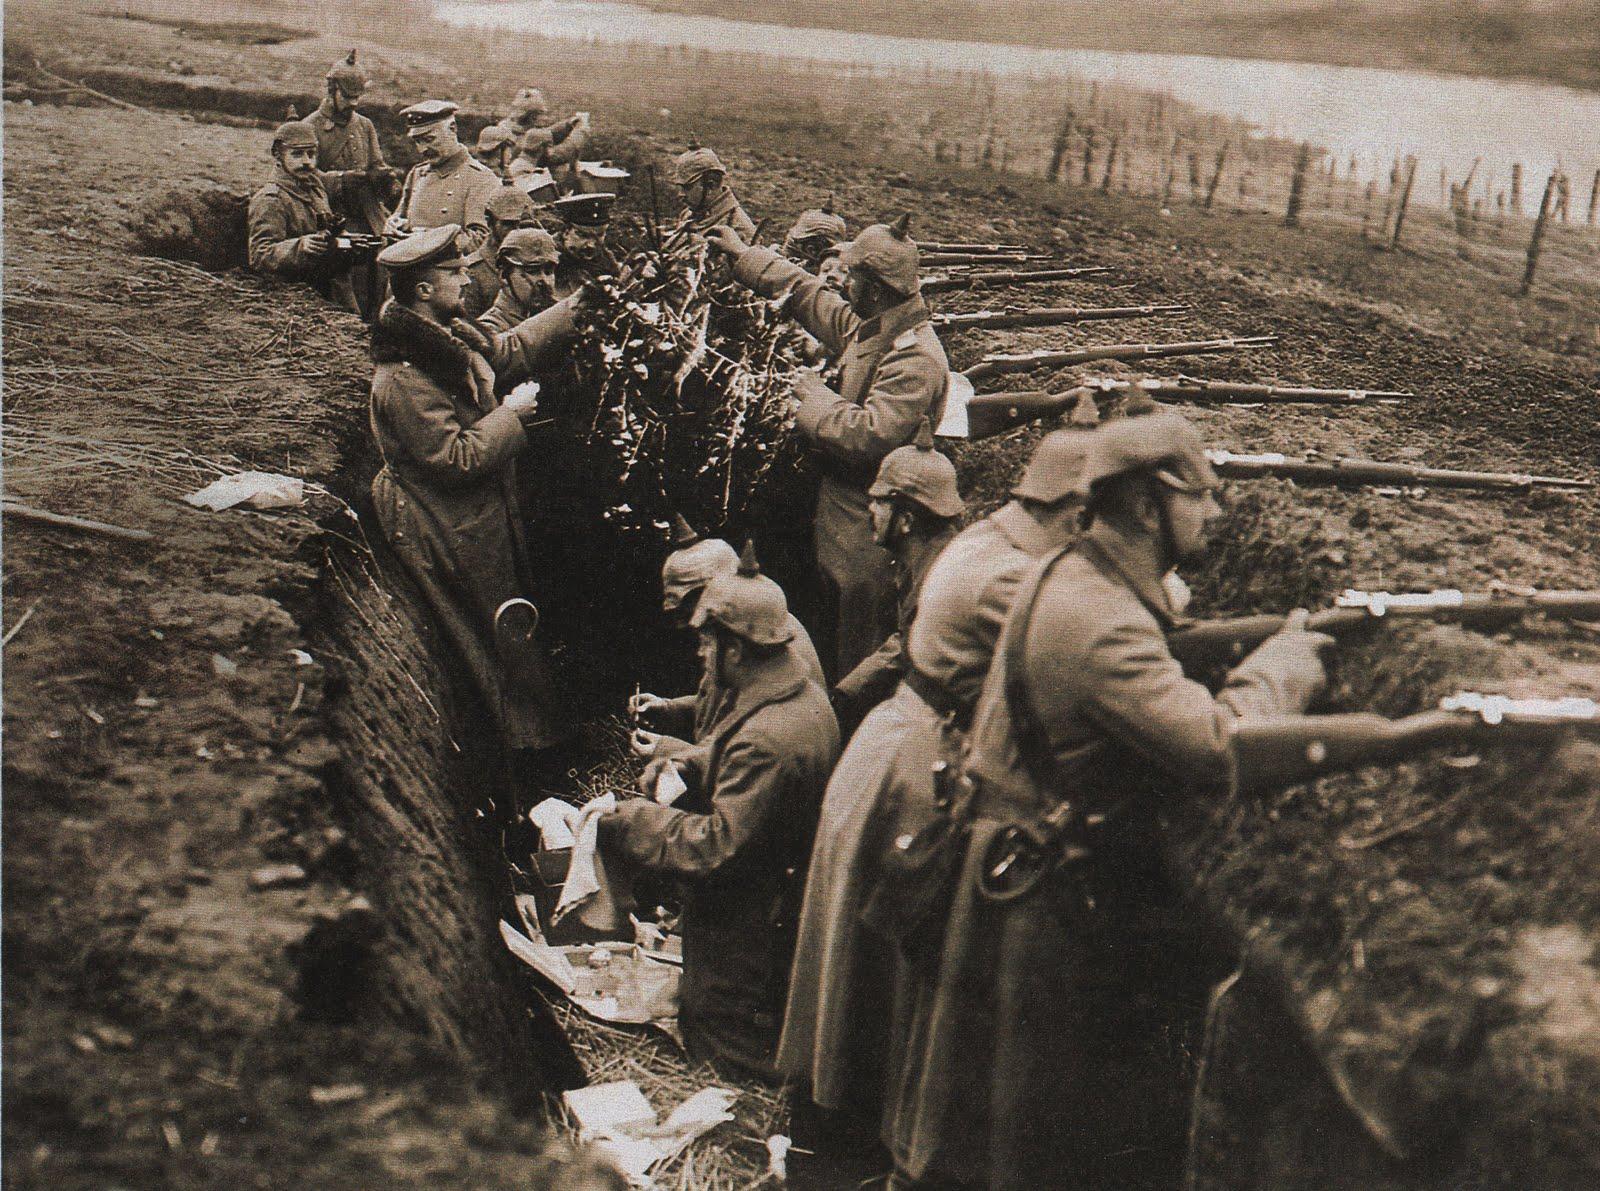 Foto prima guerra mondiale carso 6